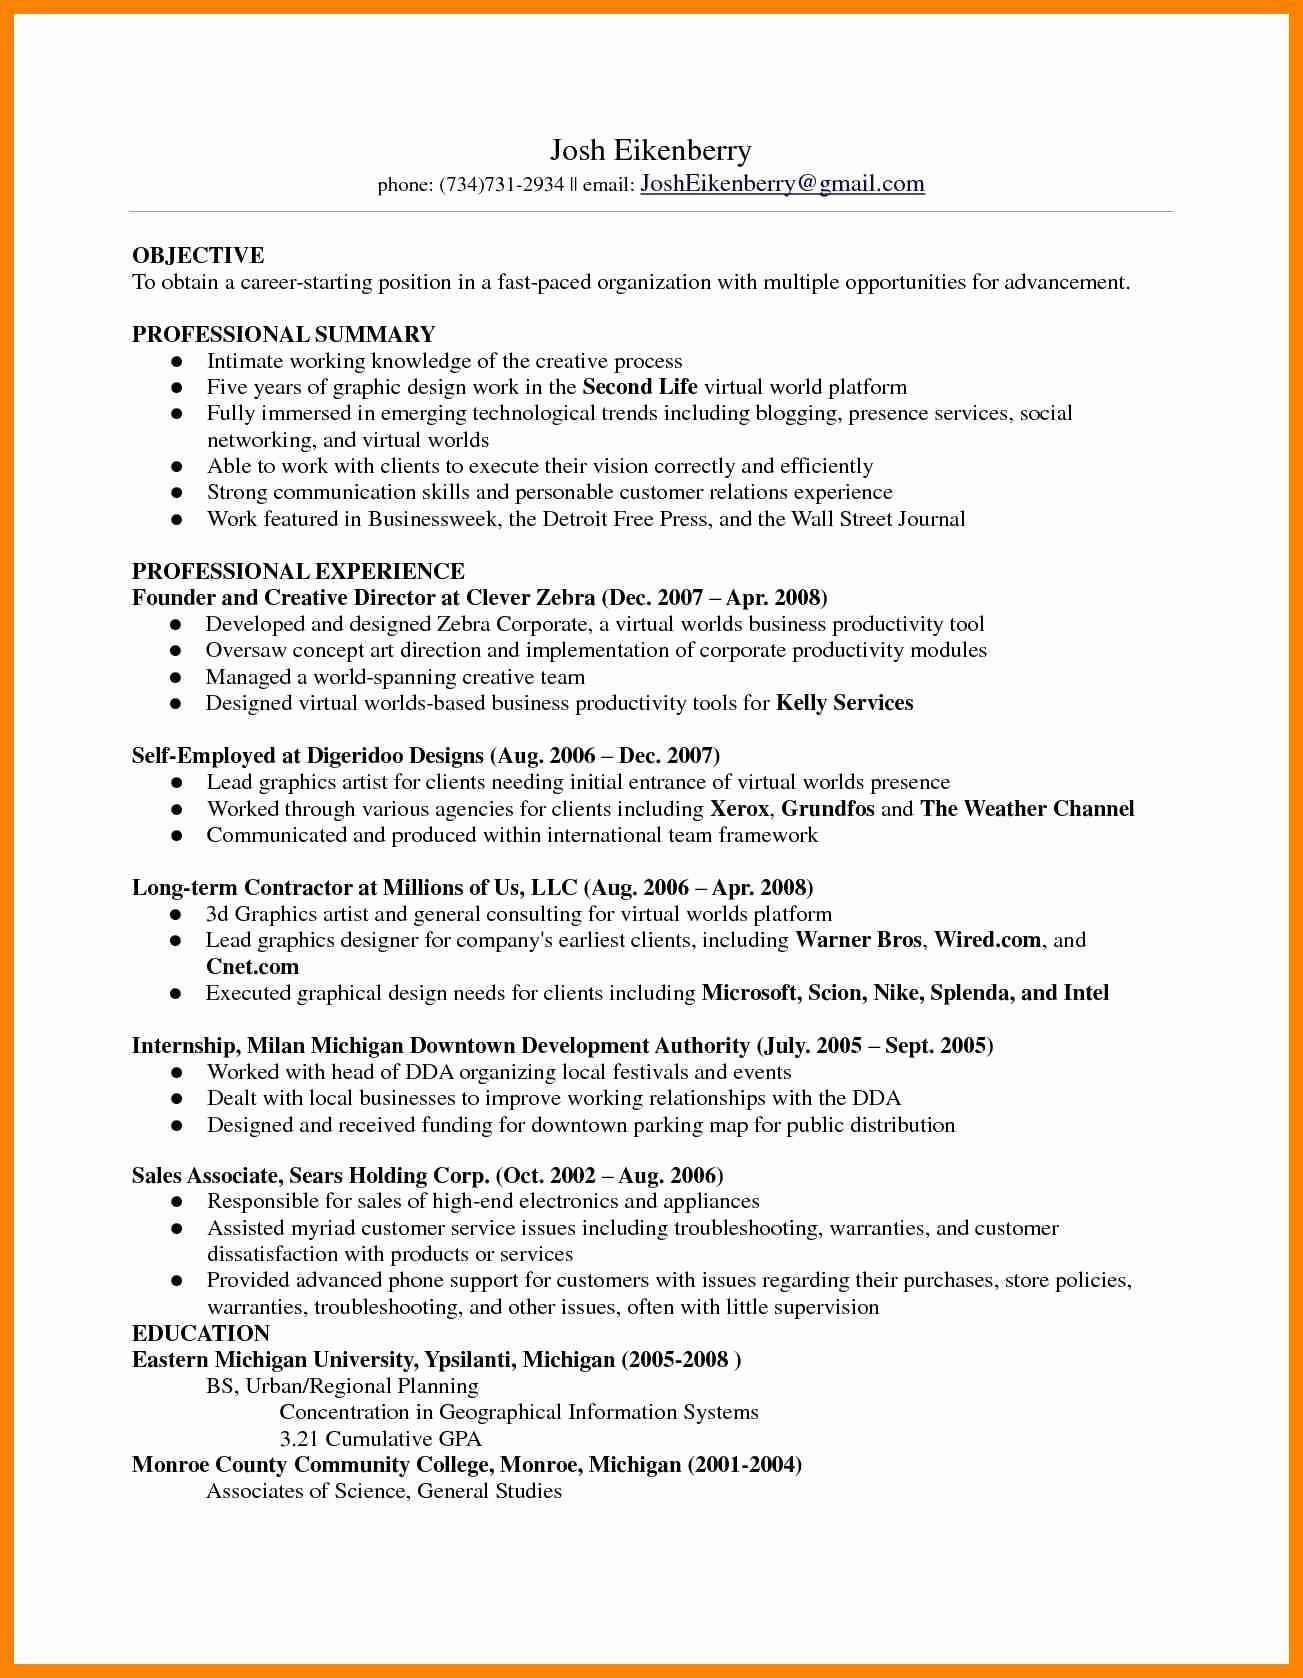 8 Skills Based Resume Example